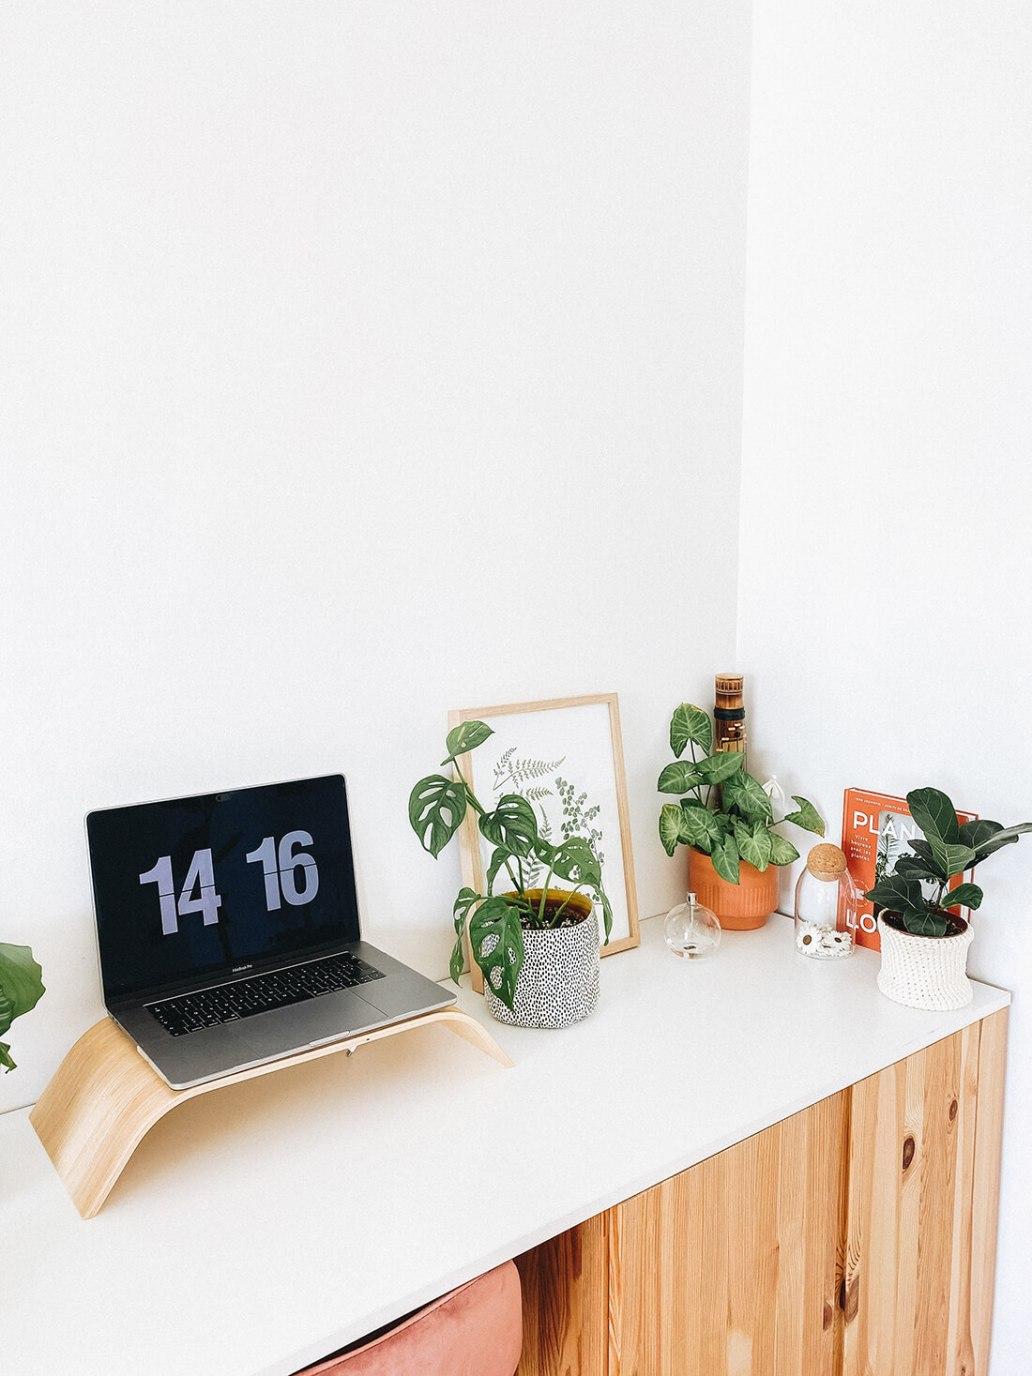 marmille home 2021 10 - Visite privée : découvrez l'appartement Hygge de Marmille